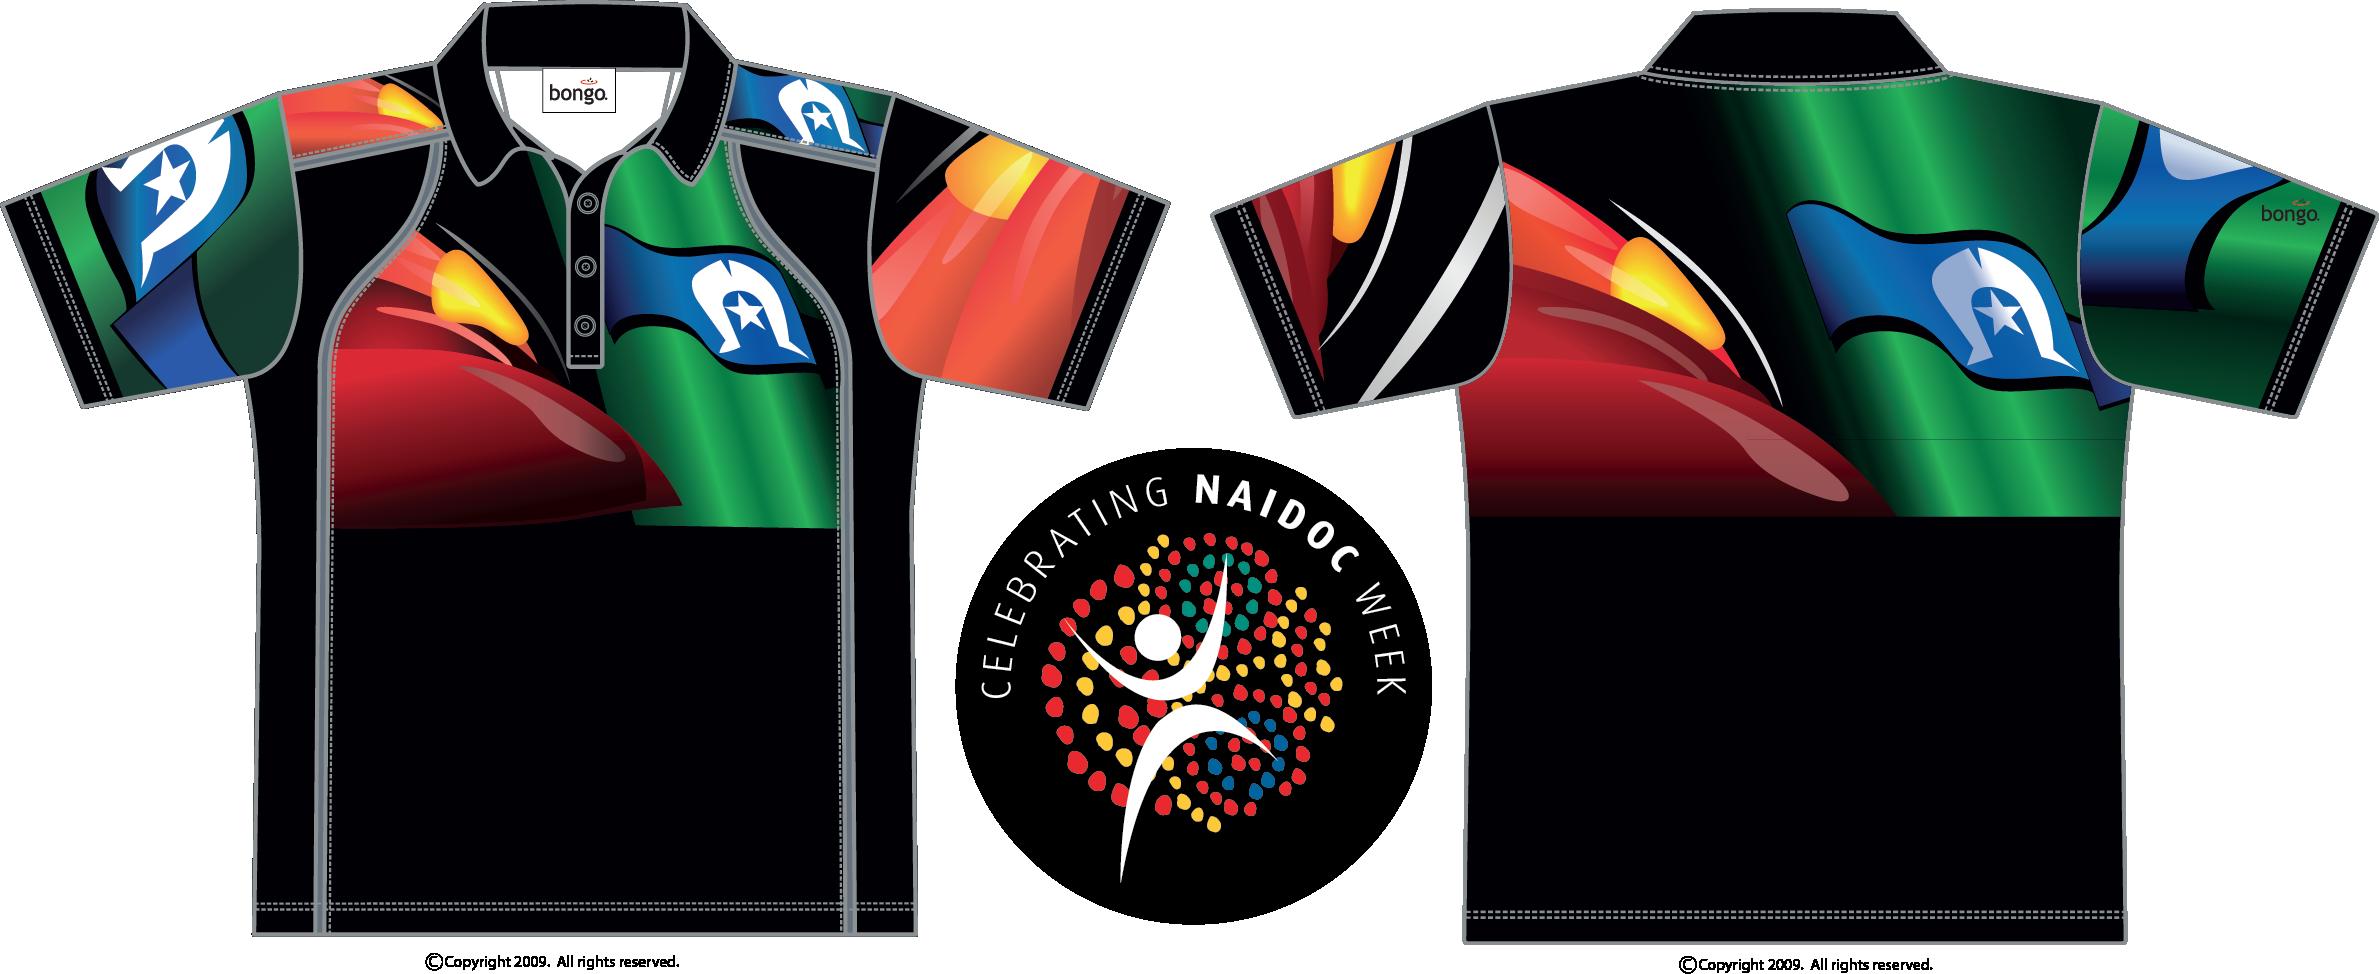 Promotional Naidoc Indigenous Flag Polo Shirt Bongo